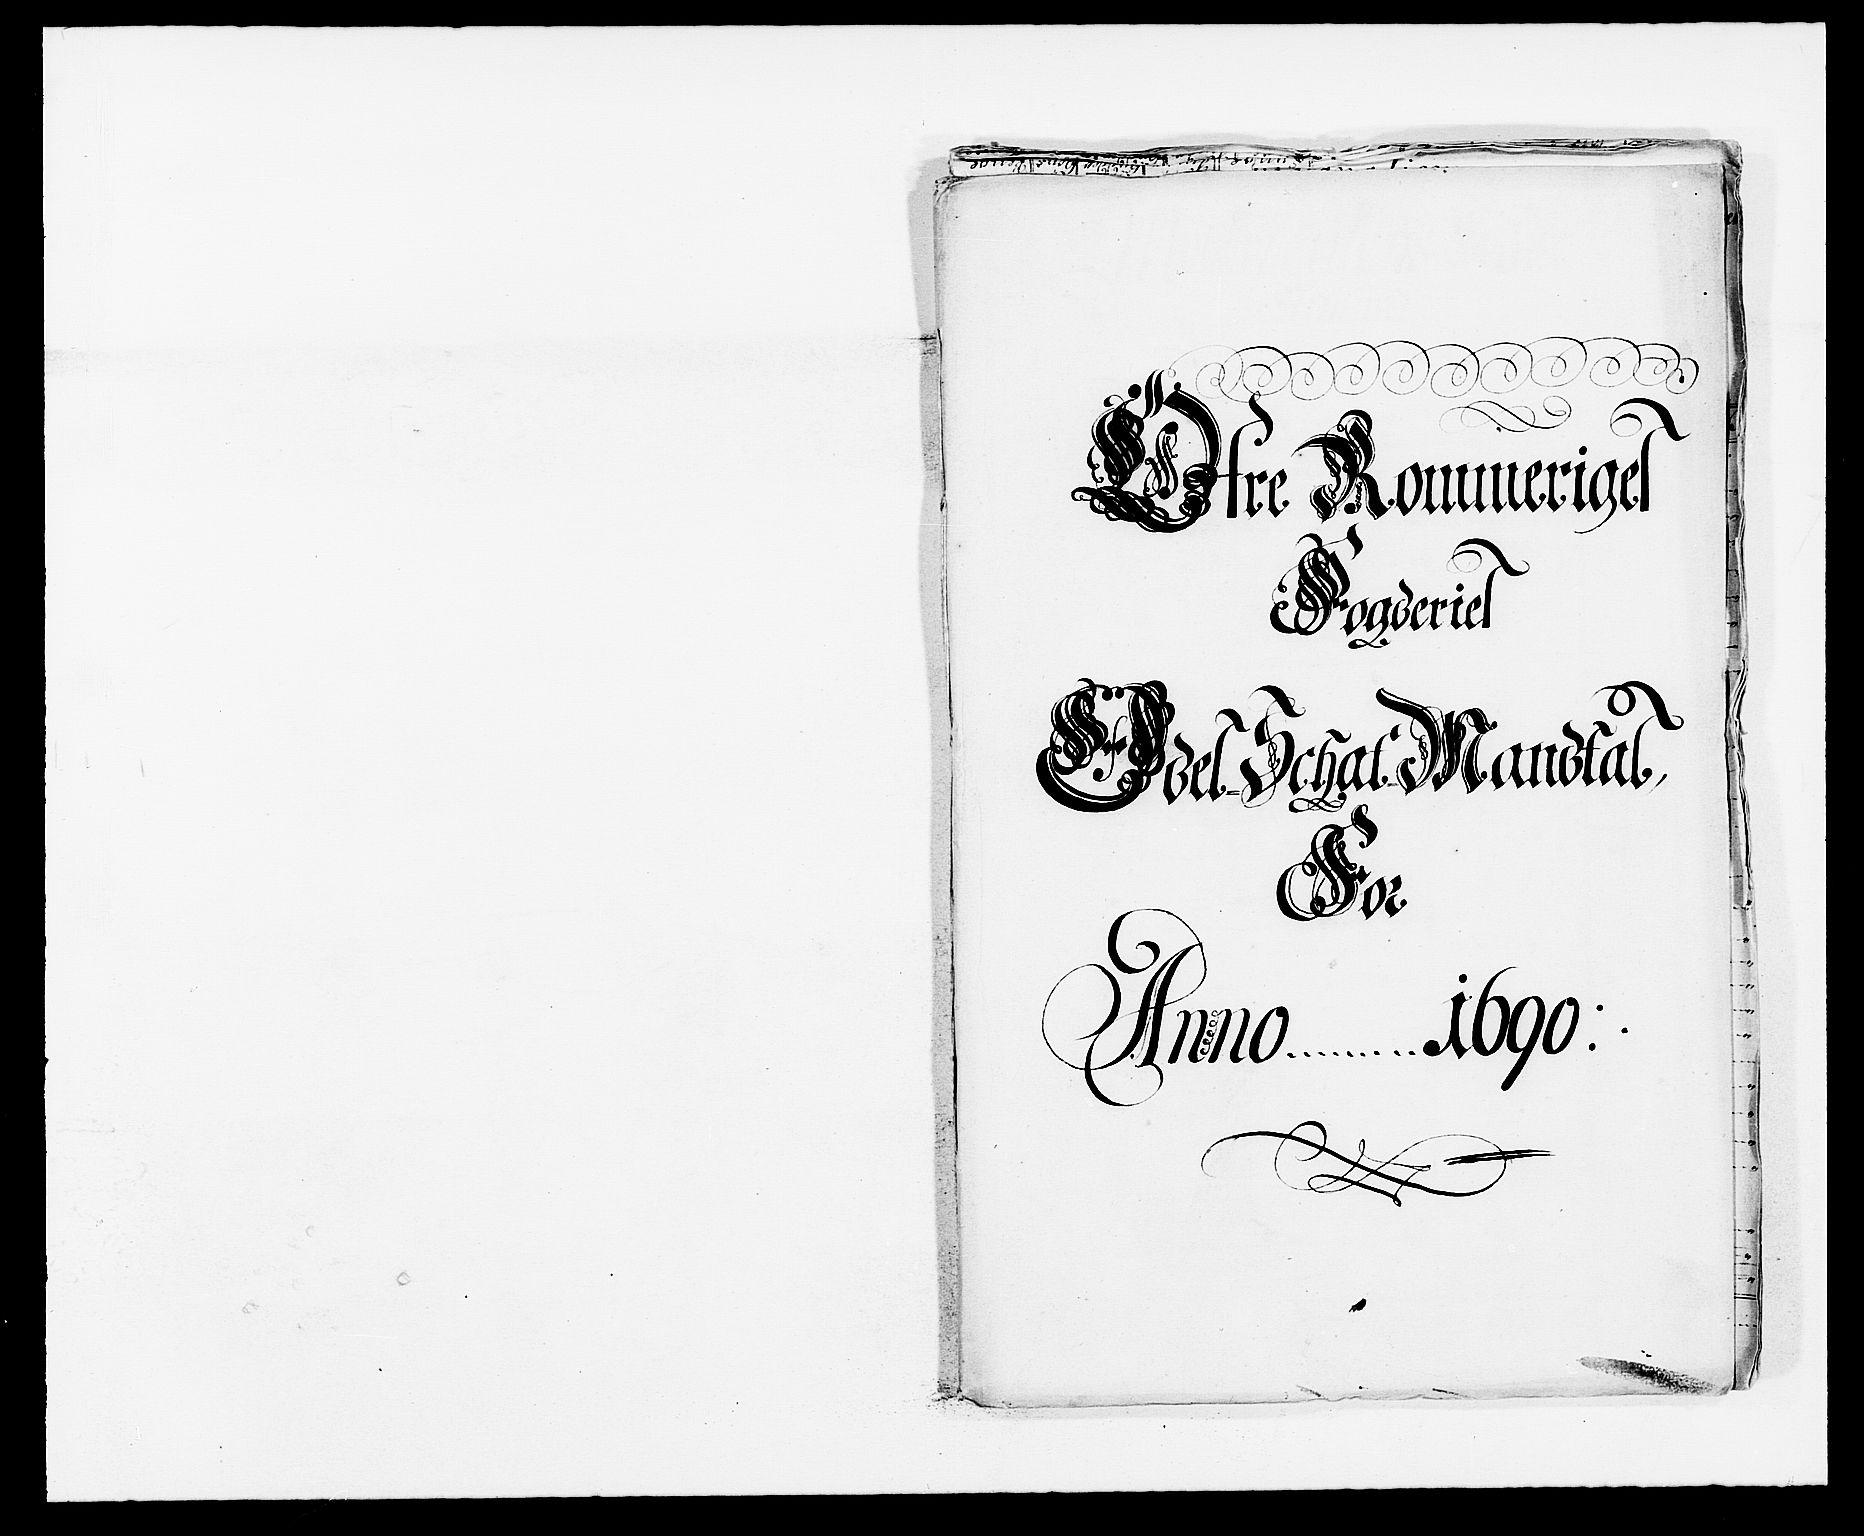 RA, Rentekammeret inntil 1814, Reviderte regnskaper, Fogderegnskap, R12/L0702: Fogderegnskap Øvre Romerike, 1690, s. 144